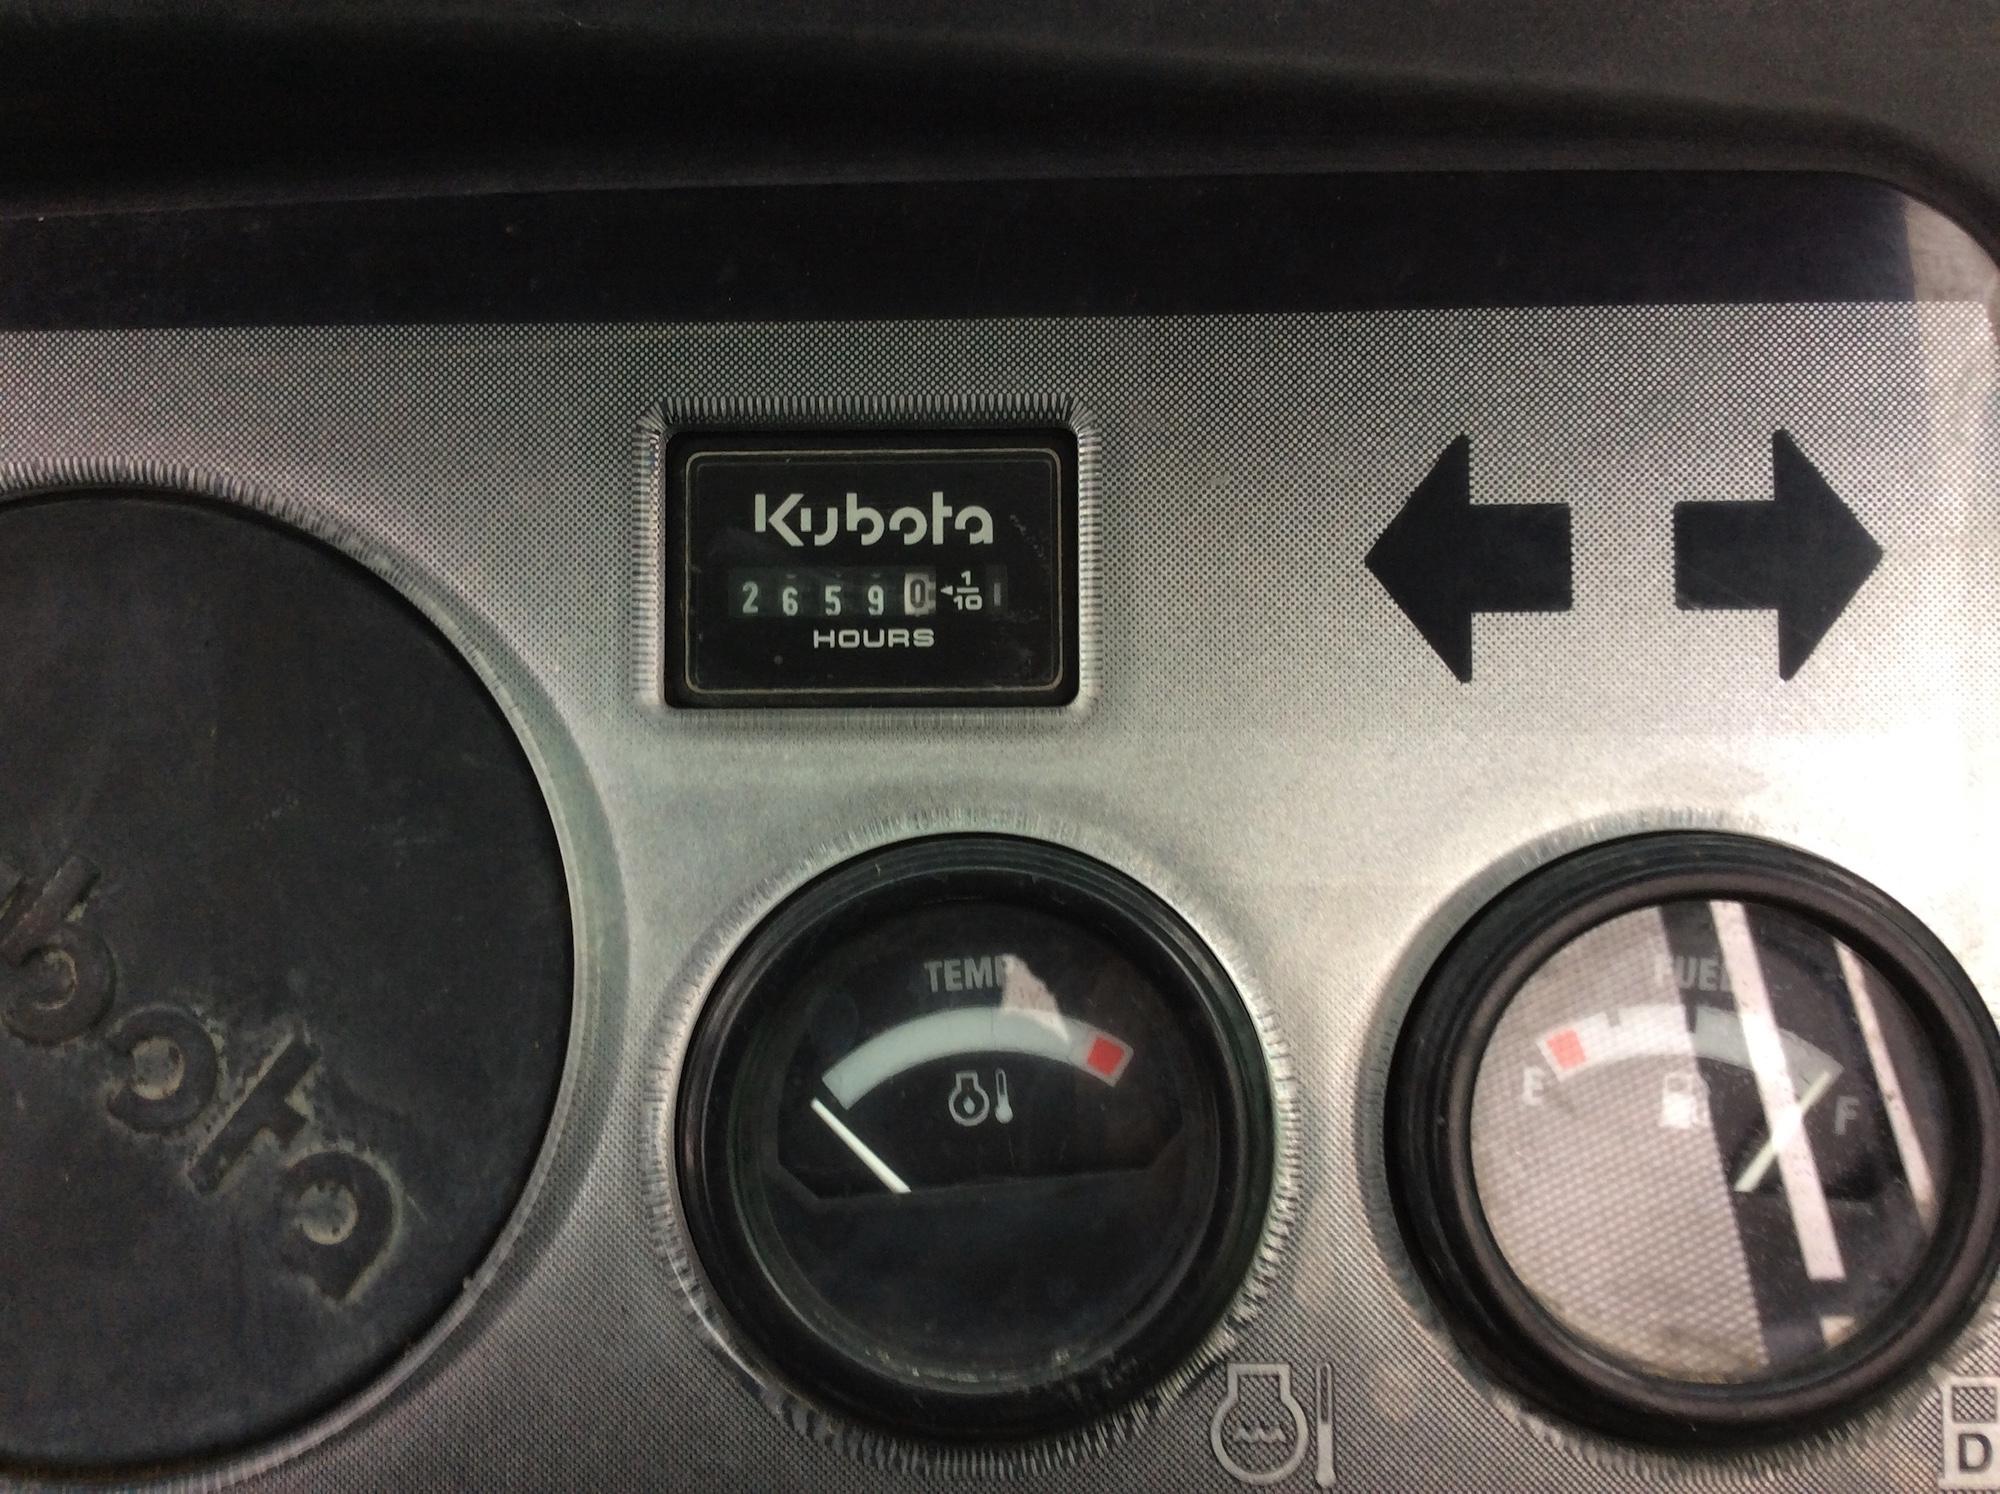 Kubota-RTV900-UtilityVehicle_2006-08